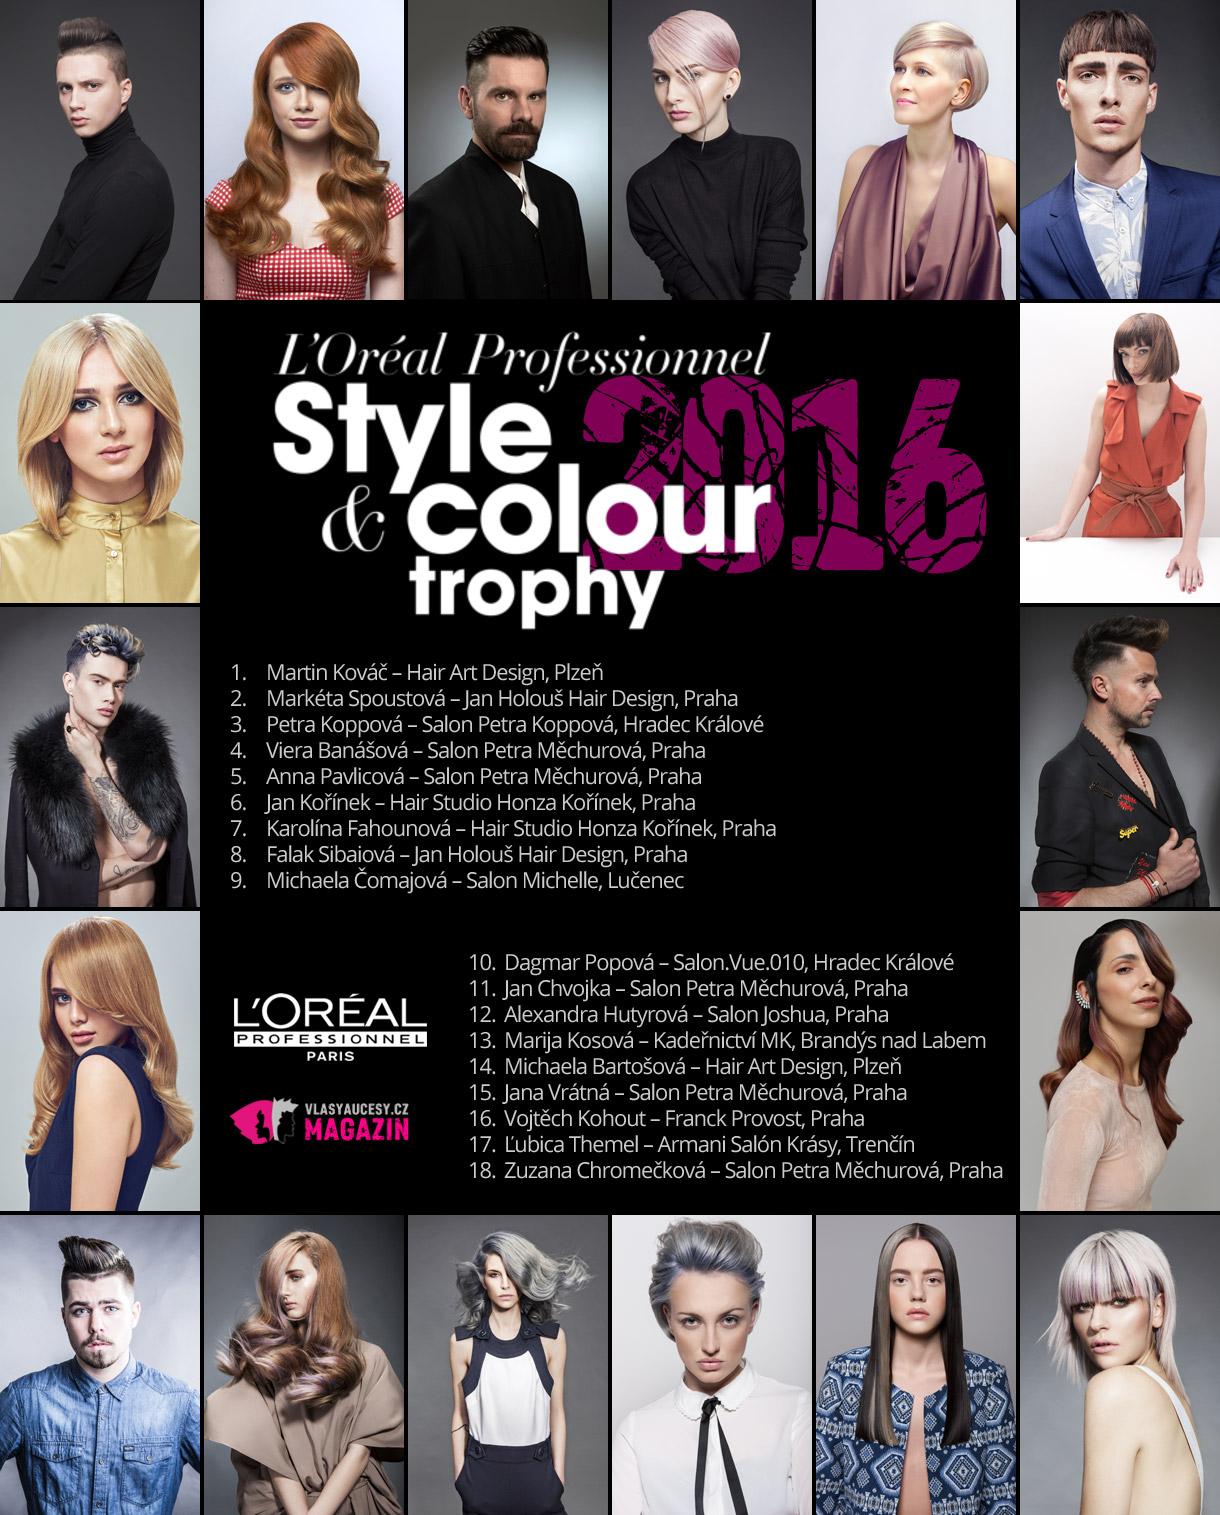 L'Oréal Style & Colour Trophy 2016 jde do finále. Vítězové budou vyhlášeni 27. května 2016 na slavnostním galavečeru v hotelu Clarison v Praze.